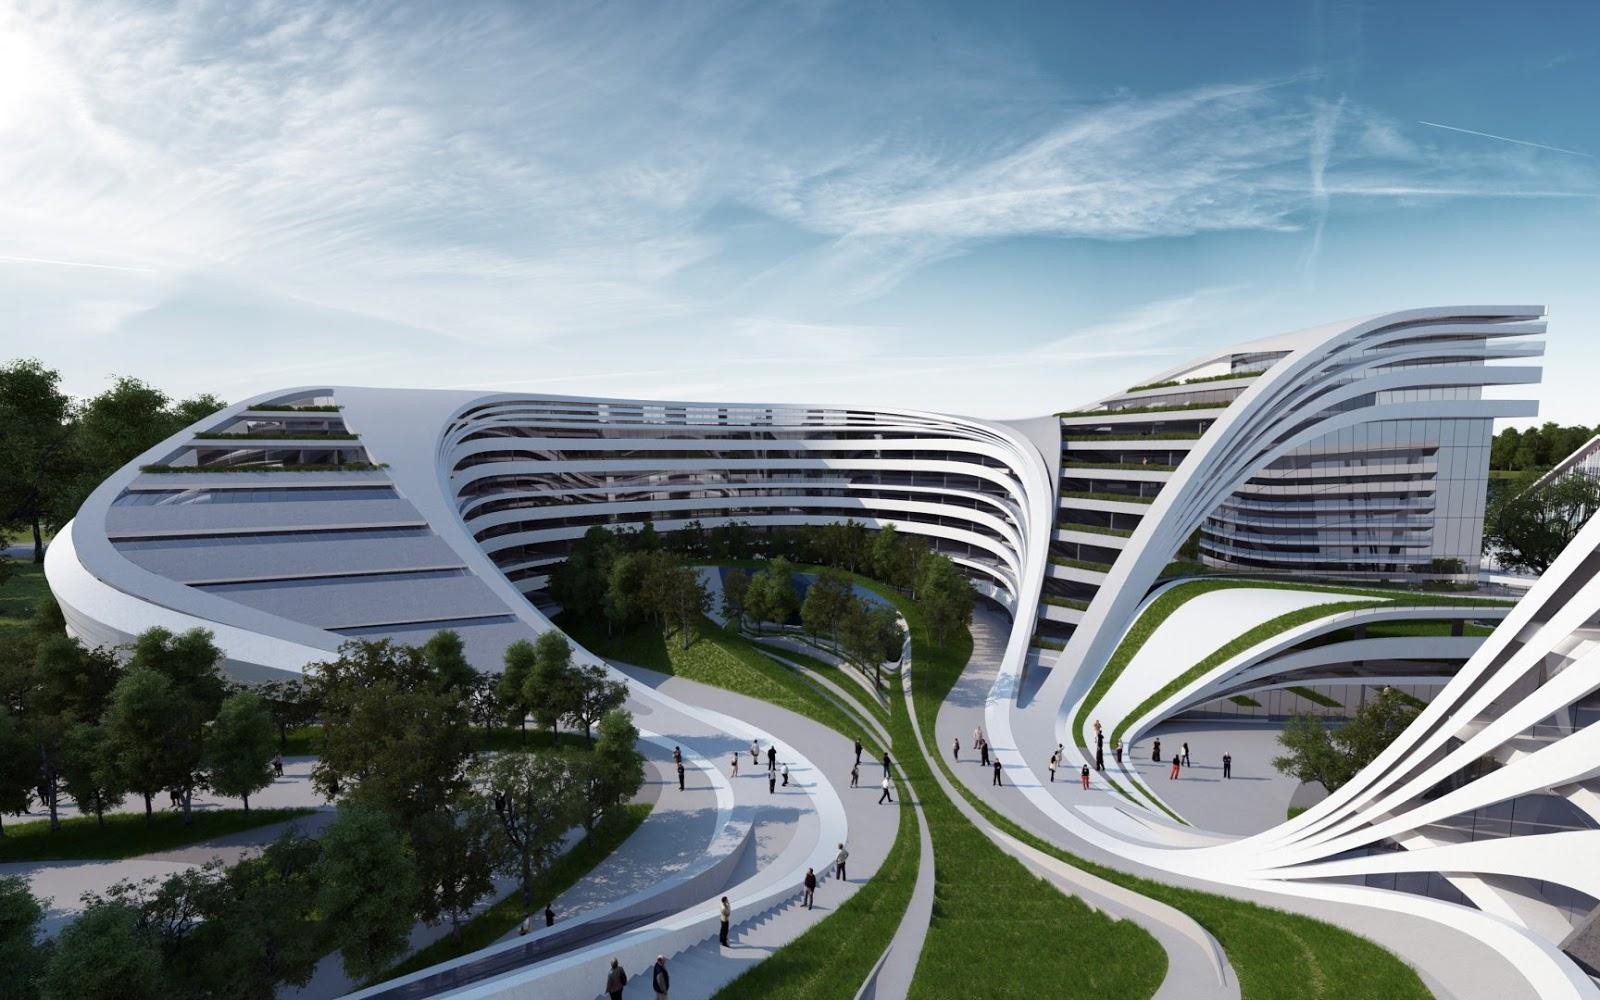 Thiết kế công trình công cộng